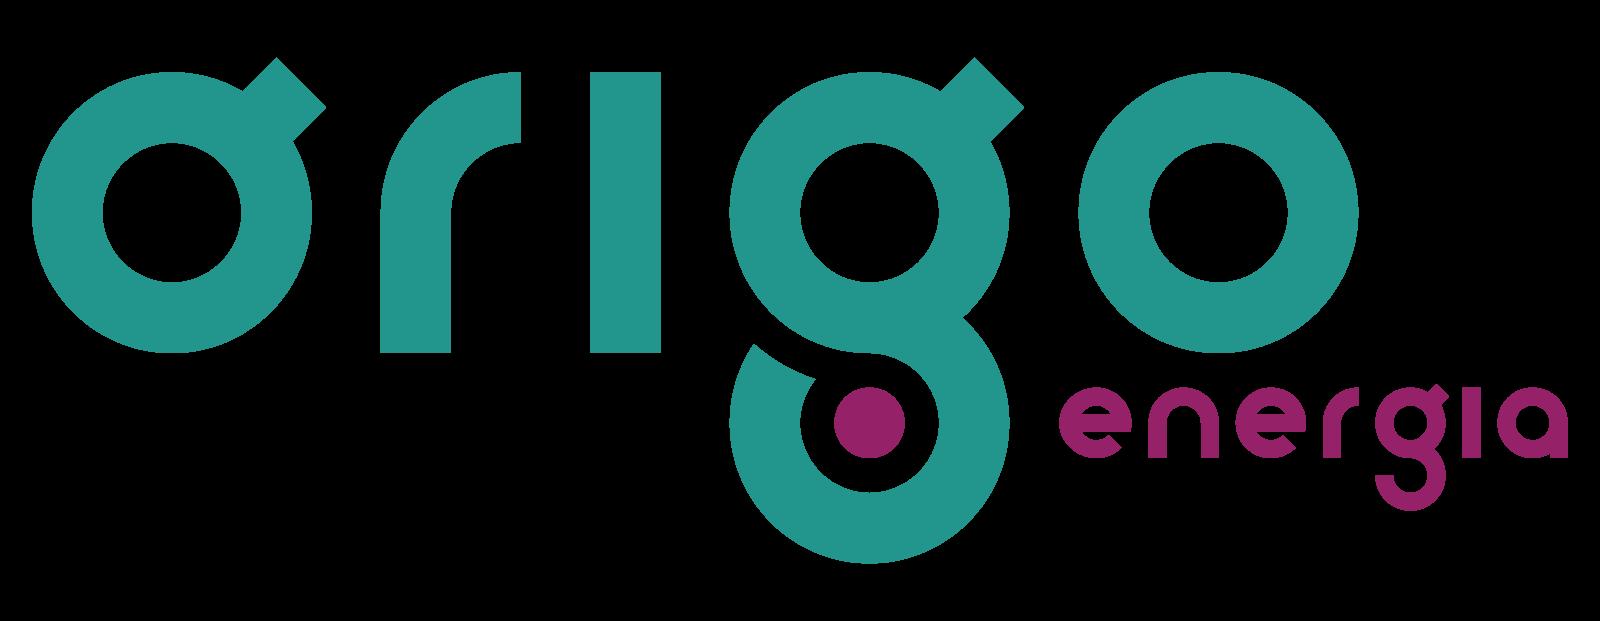 Logo for Órigo Energia